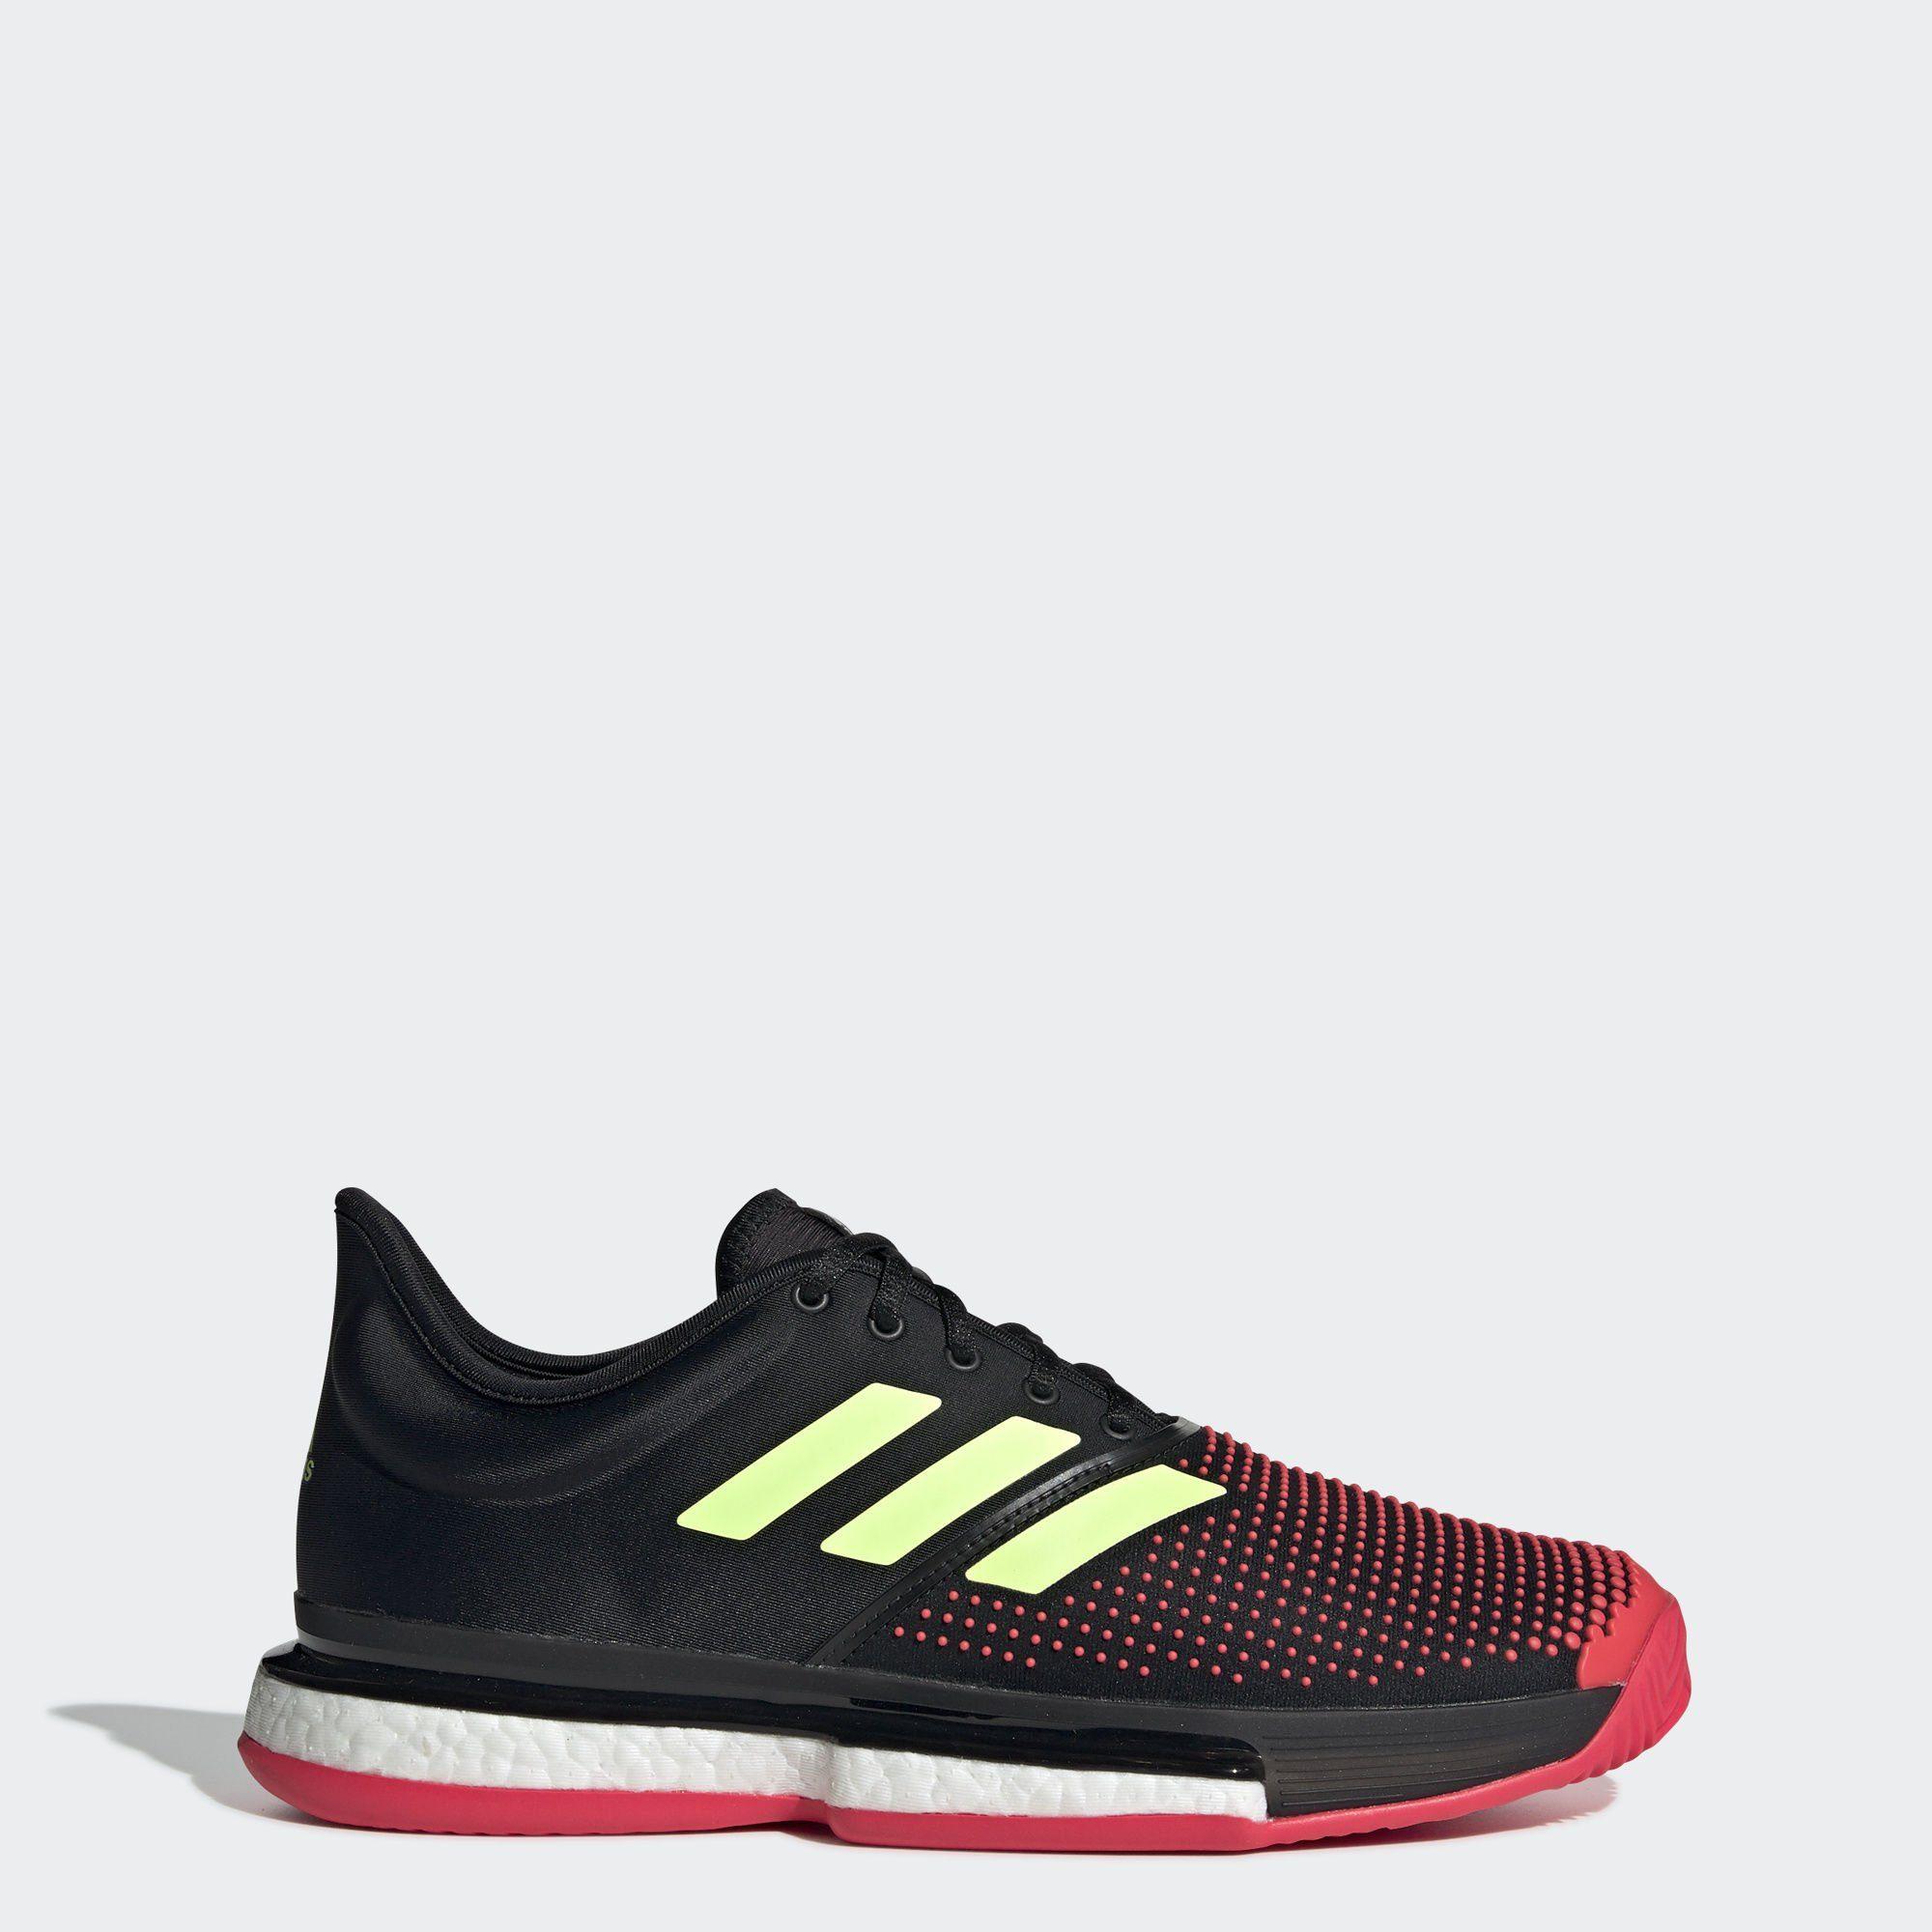 Boost Schuh« Adidas Performance KaufenOtto Fitnessschuh Online »solecourt uK3TlFJc1